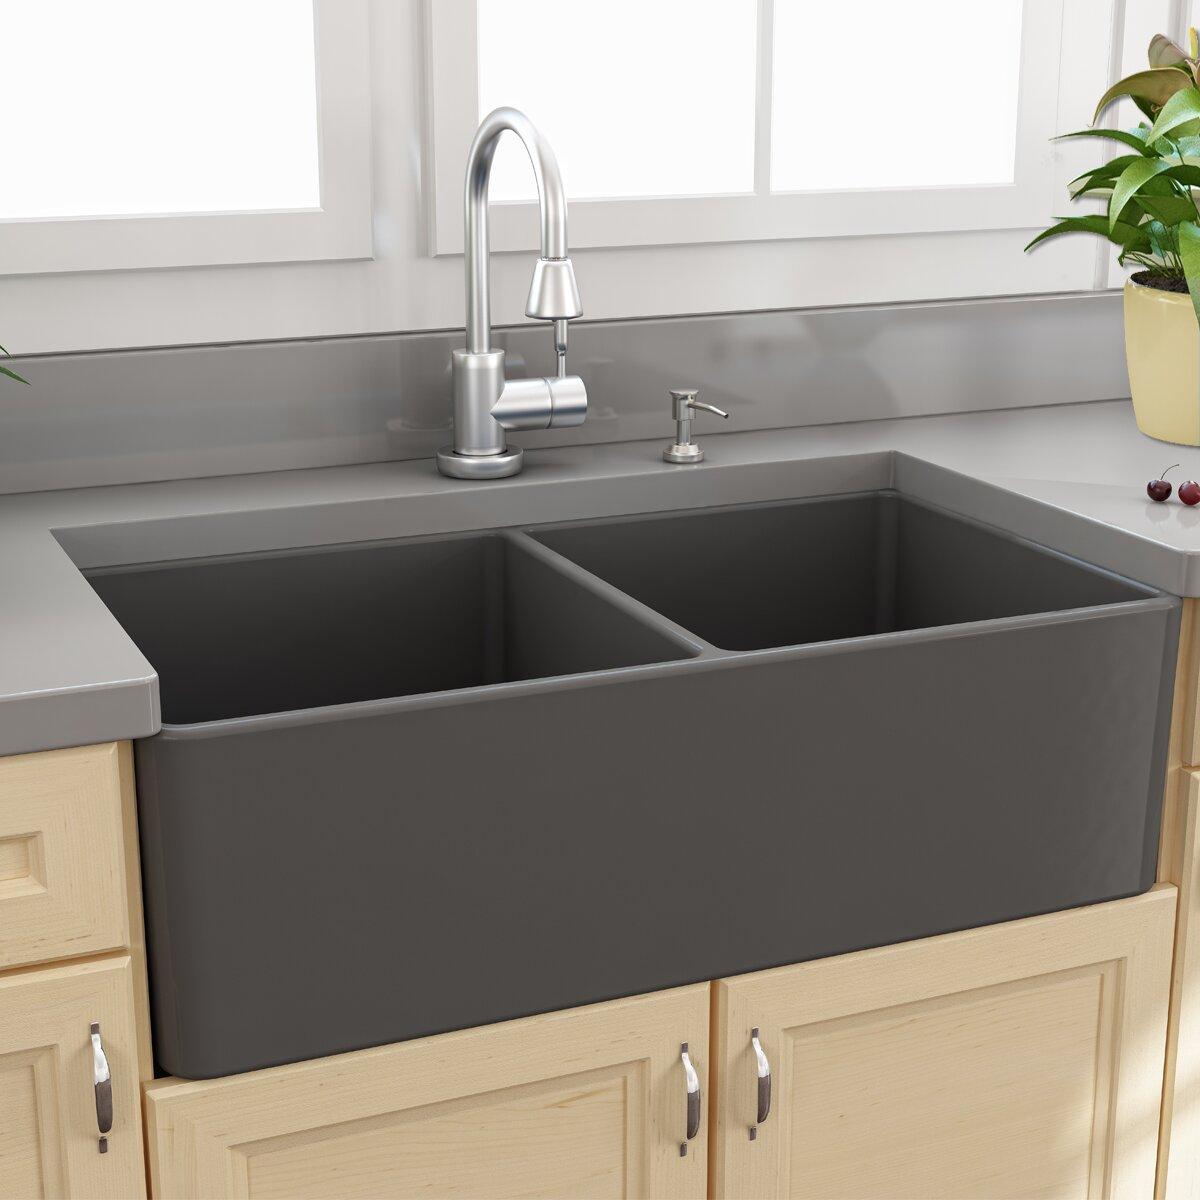 Laundry Double Sink : Nantucket-Sinks-33-Inch-Double-Bowl-Grey-Fireclay-Farmhouse-Sink-T ...